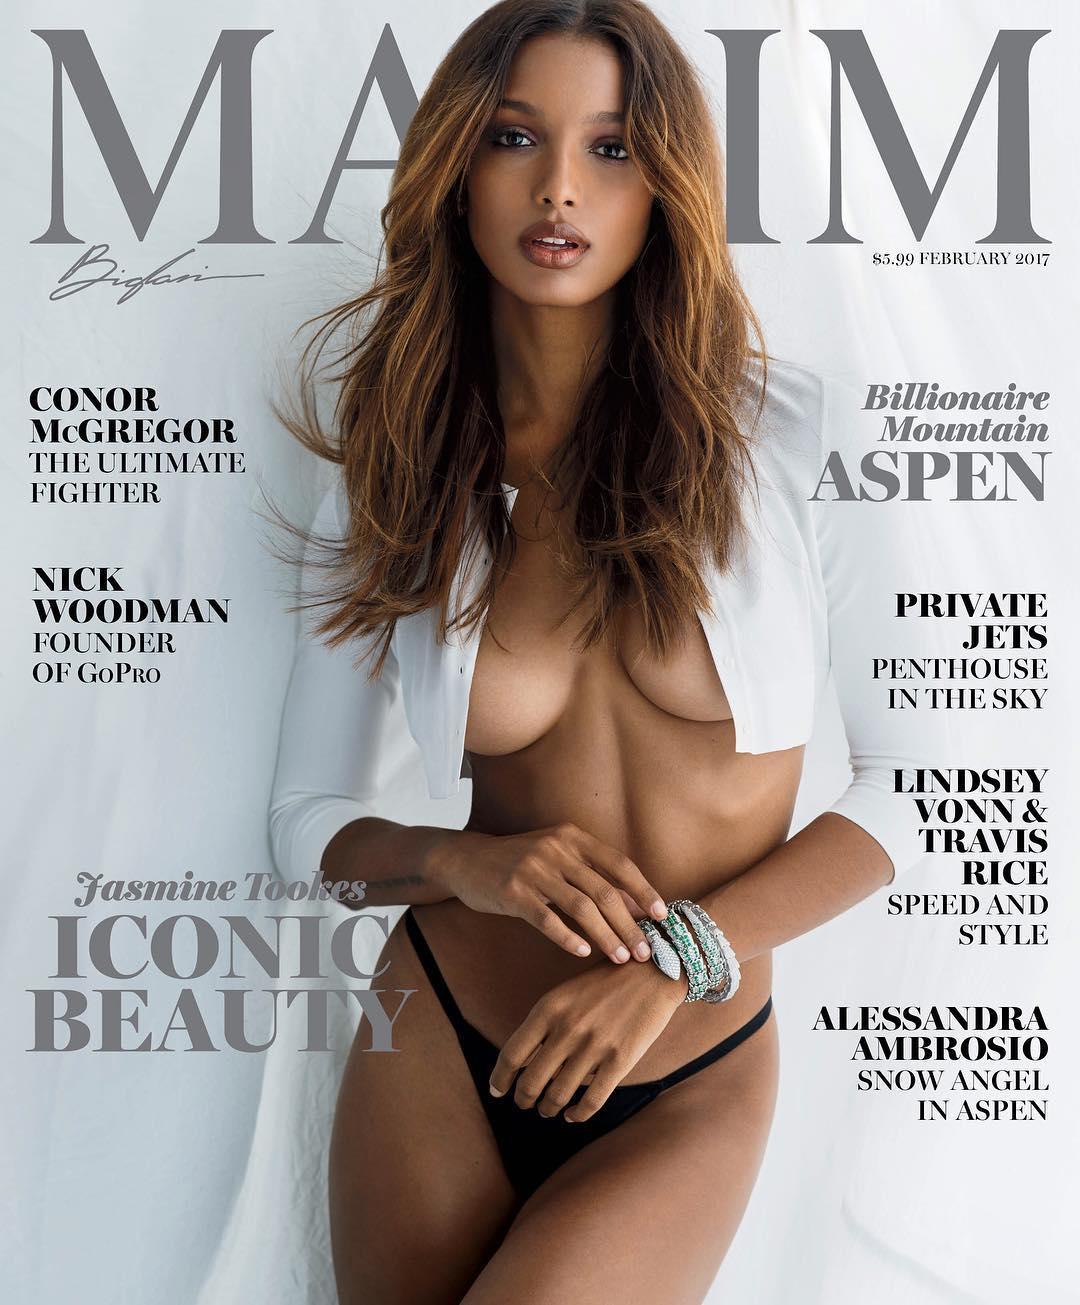 Jasmine Tookes tits